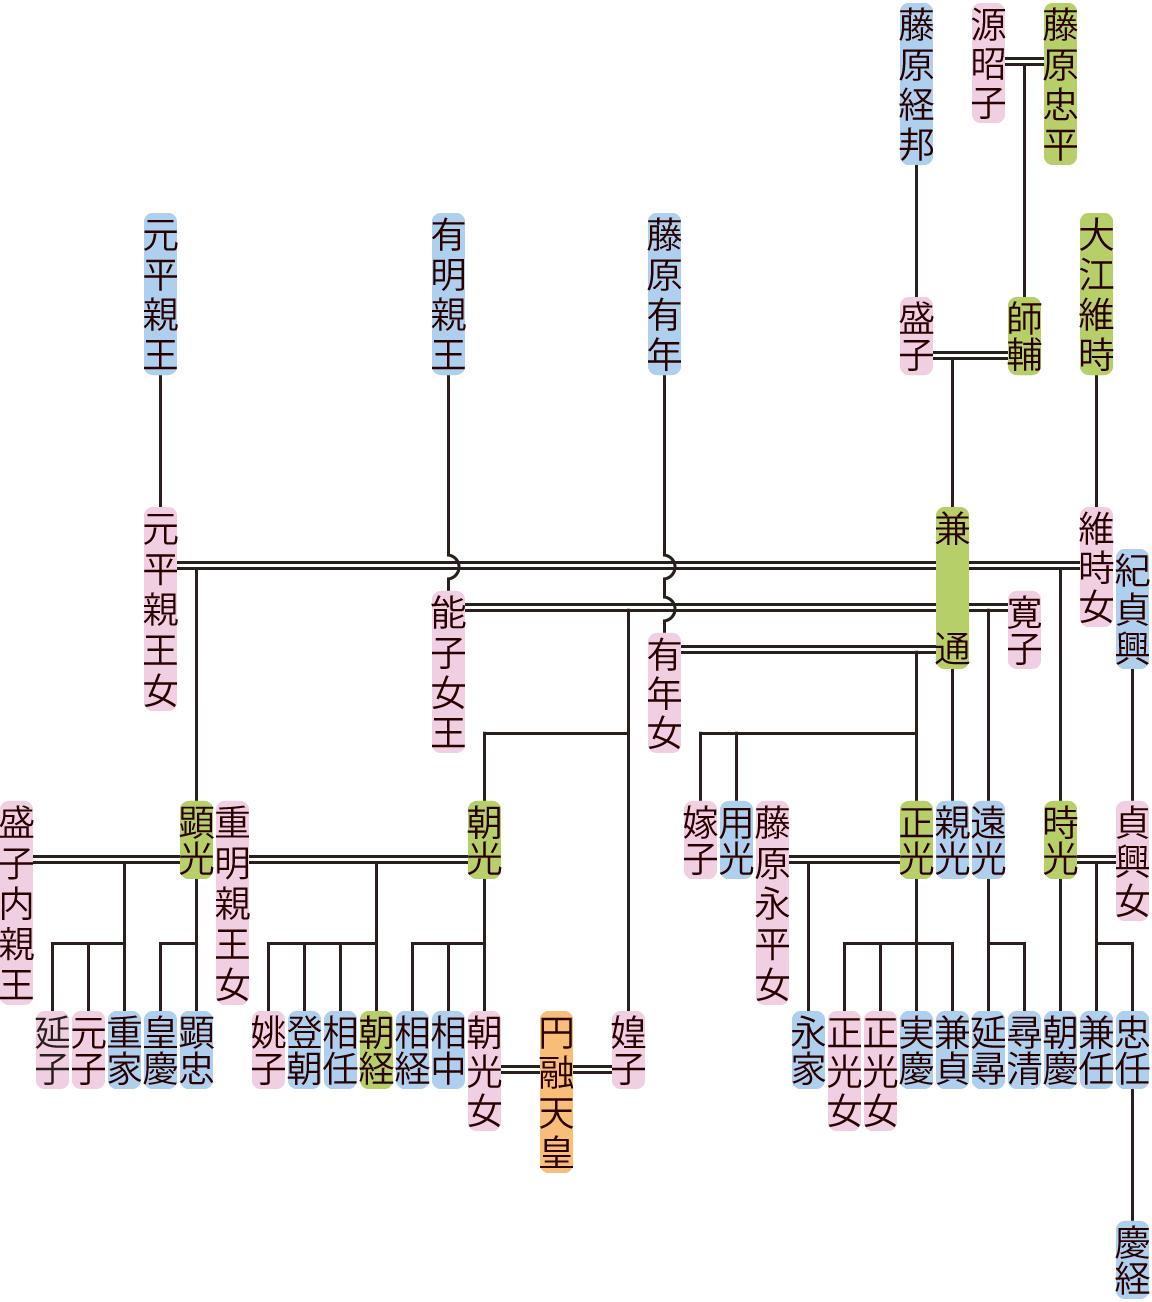 藤原兼通の系図